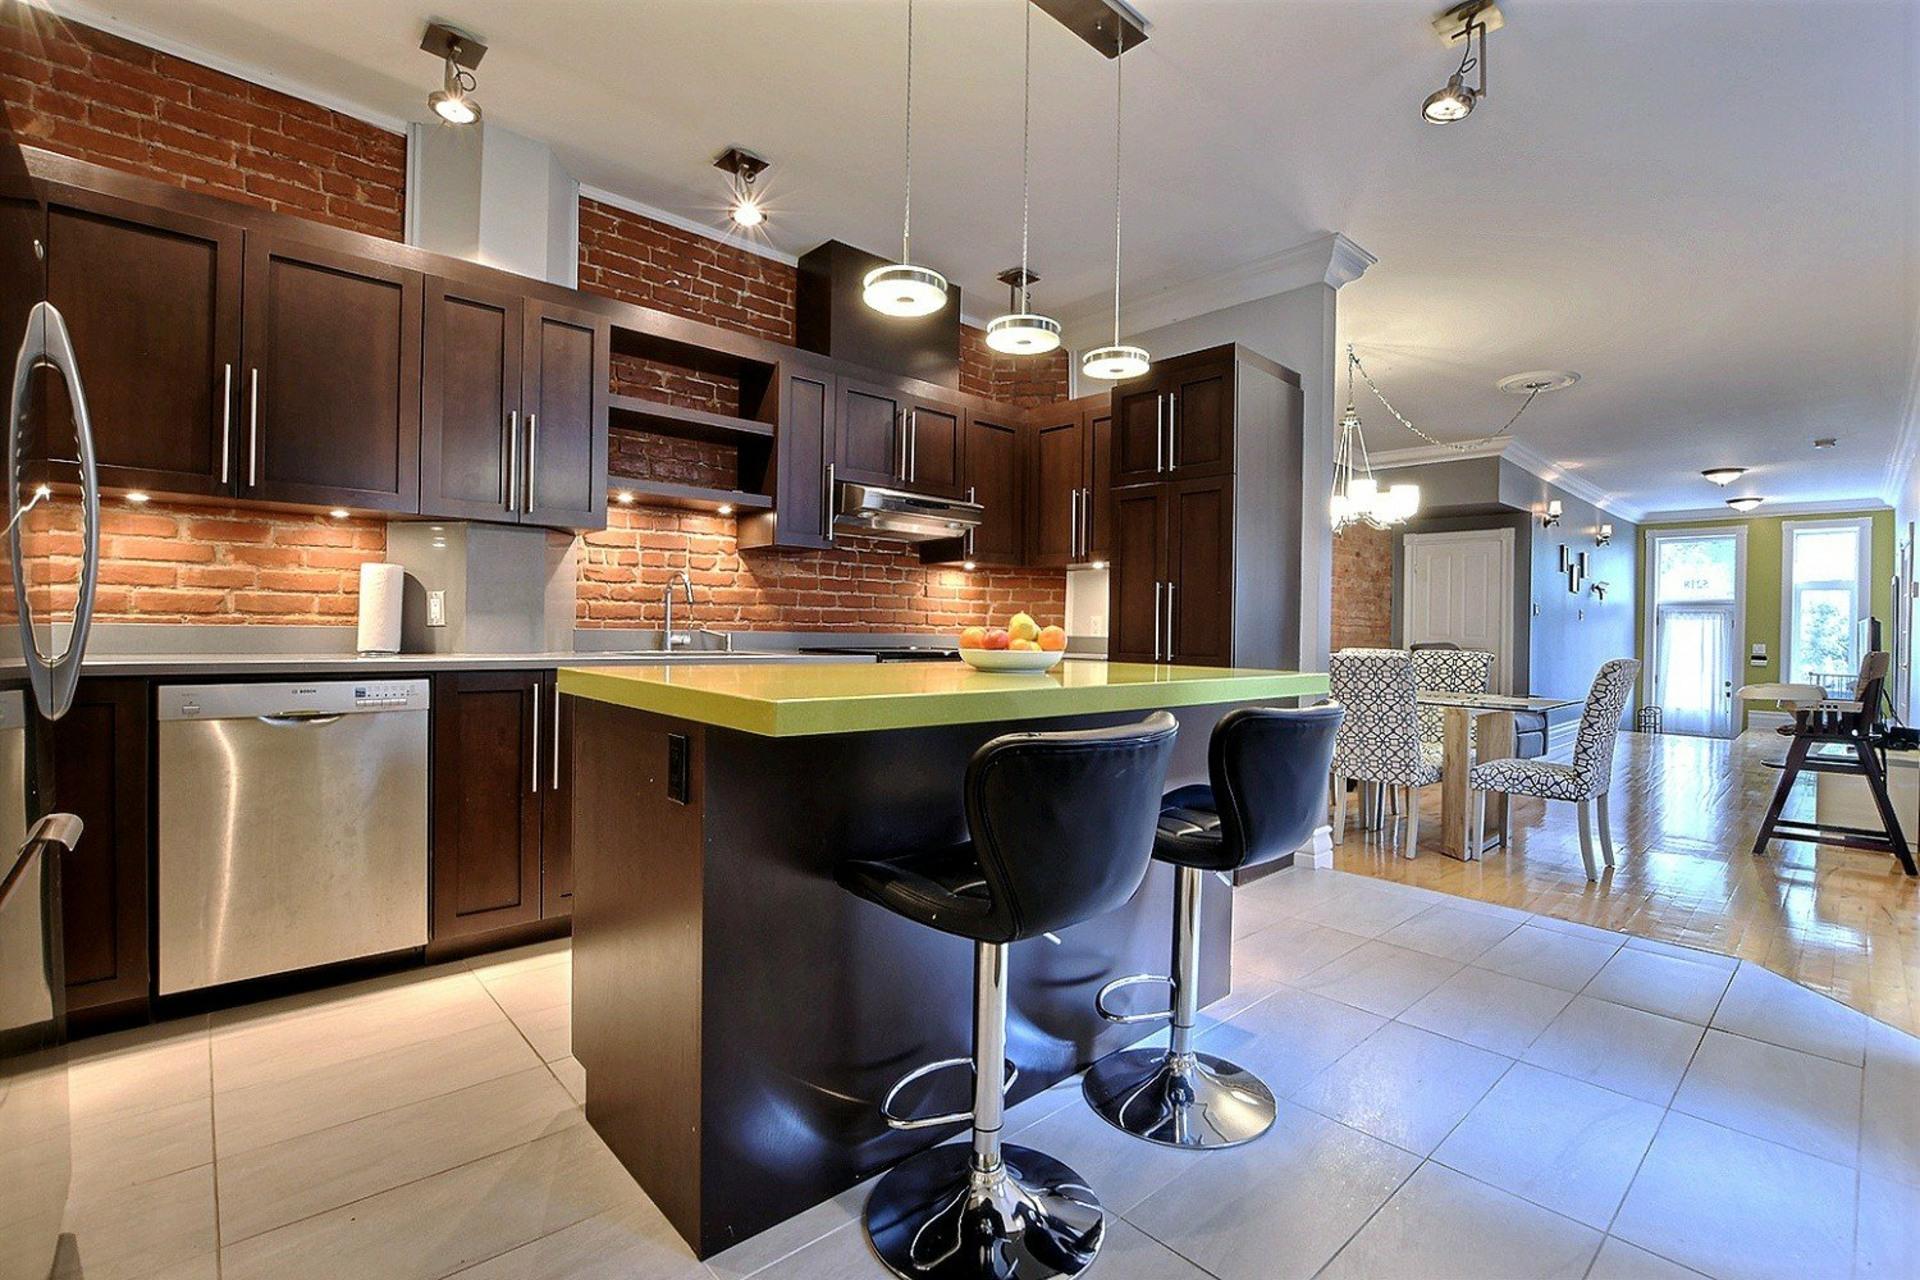 image 2 - Apartment For sale Montréal Le Plateau-Mont-Royal  - 5 rooms